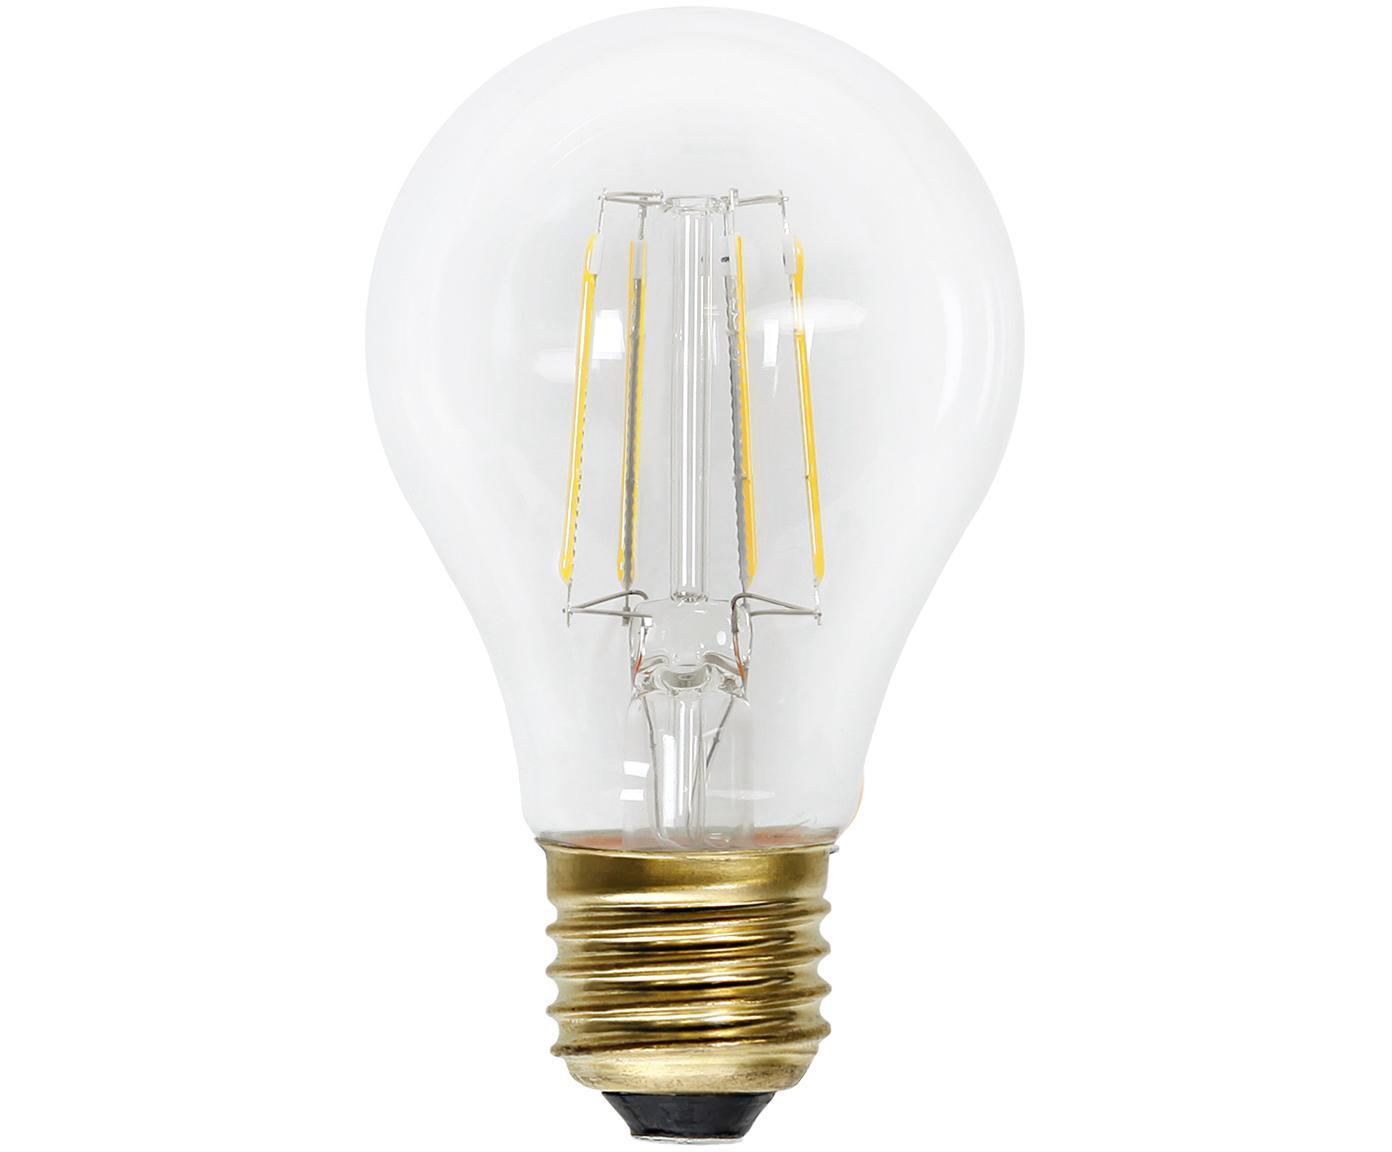 Żarówka LED Airtight Four (E27/2.3W), Transparentny, mosiądz, Ø 6 x W 11 cm